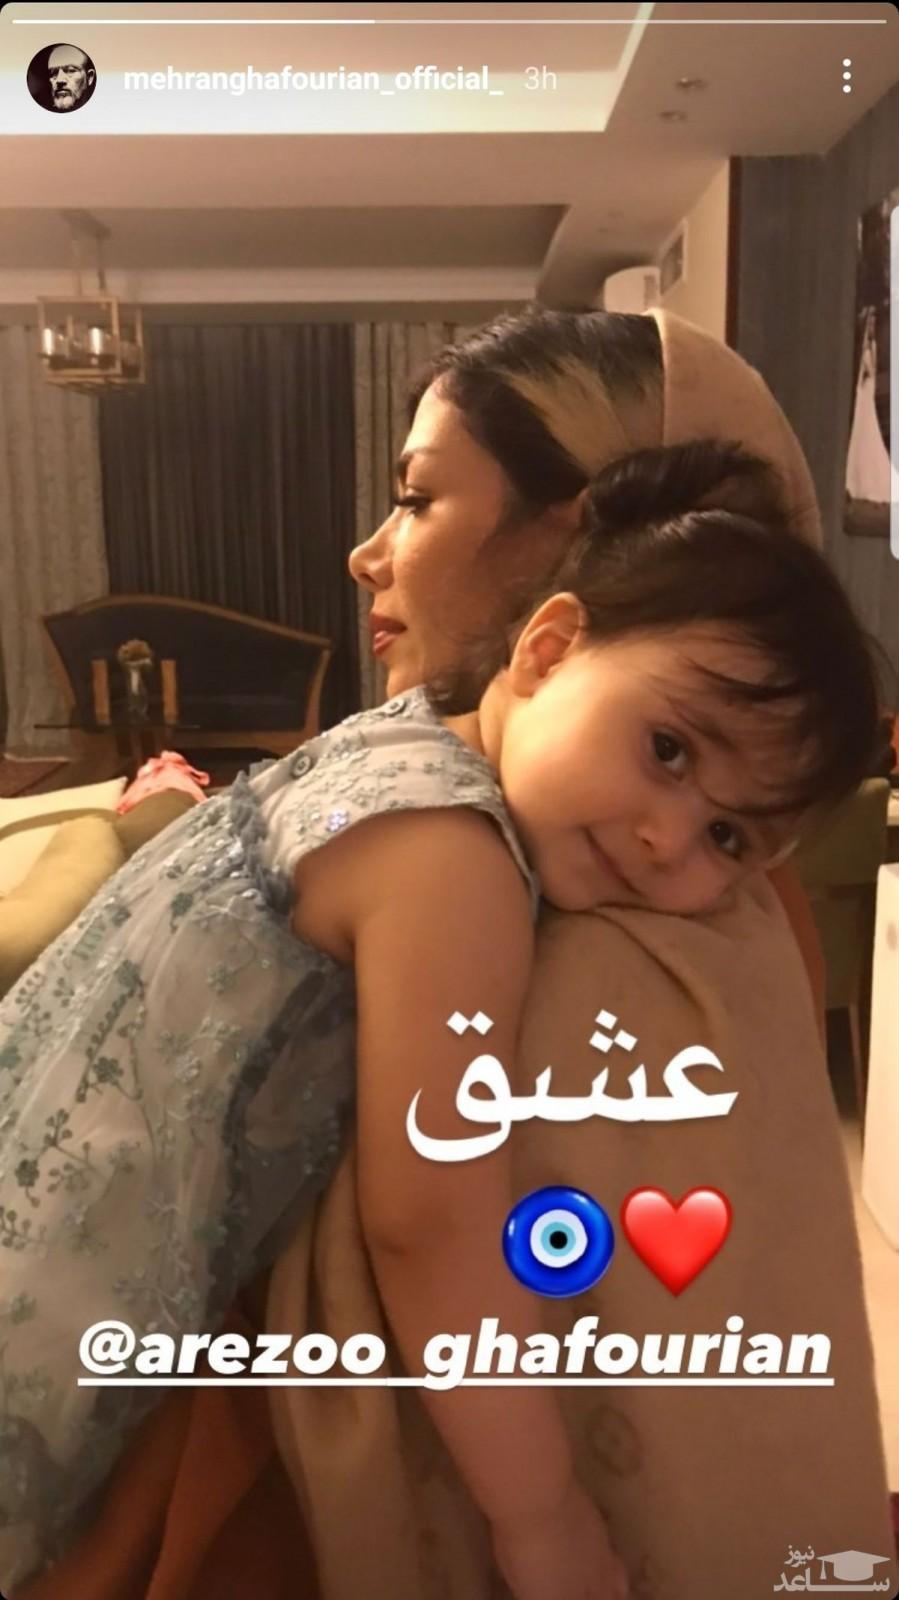 همسرو دختر مهران غفوریان